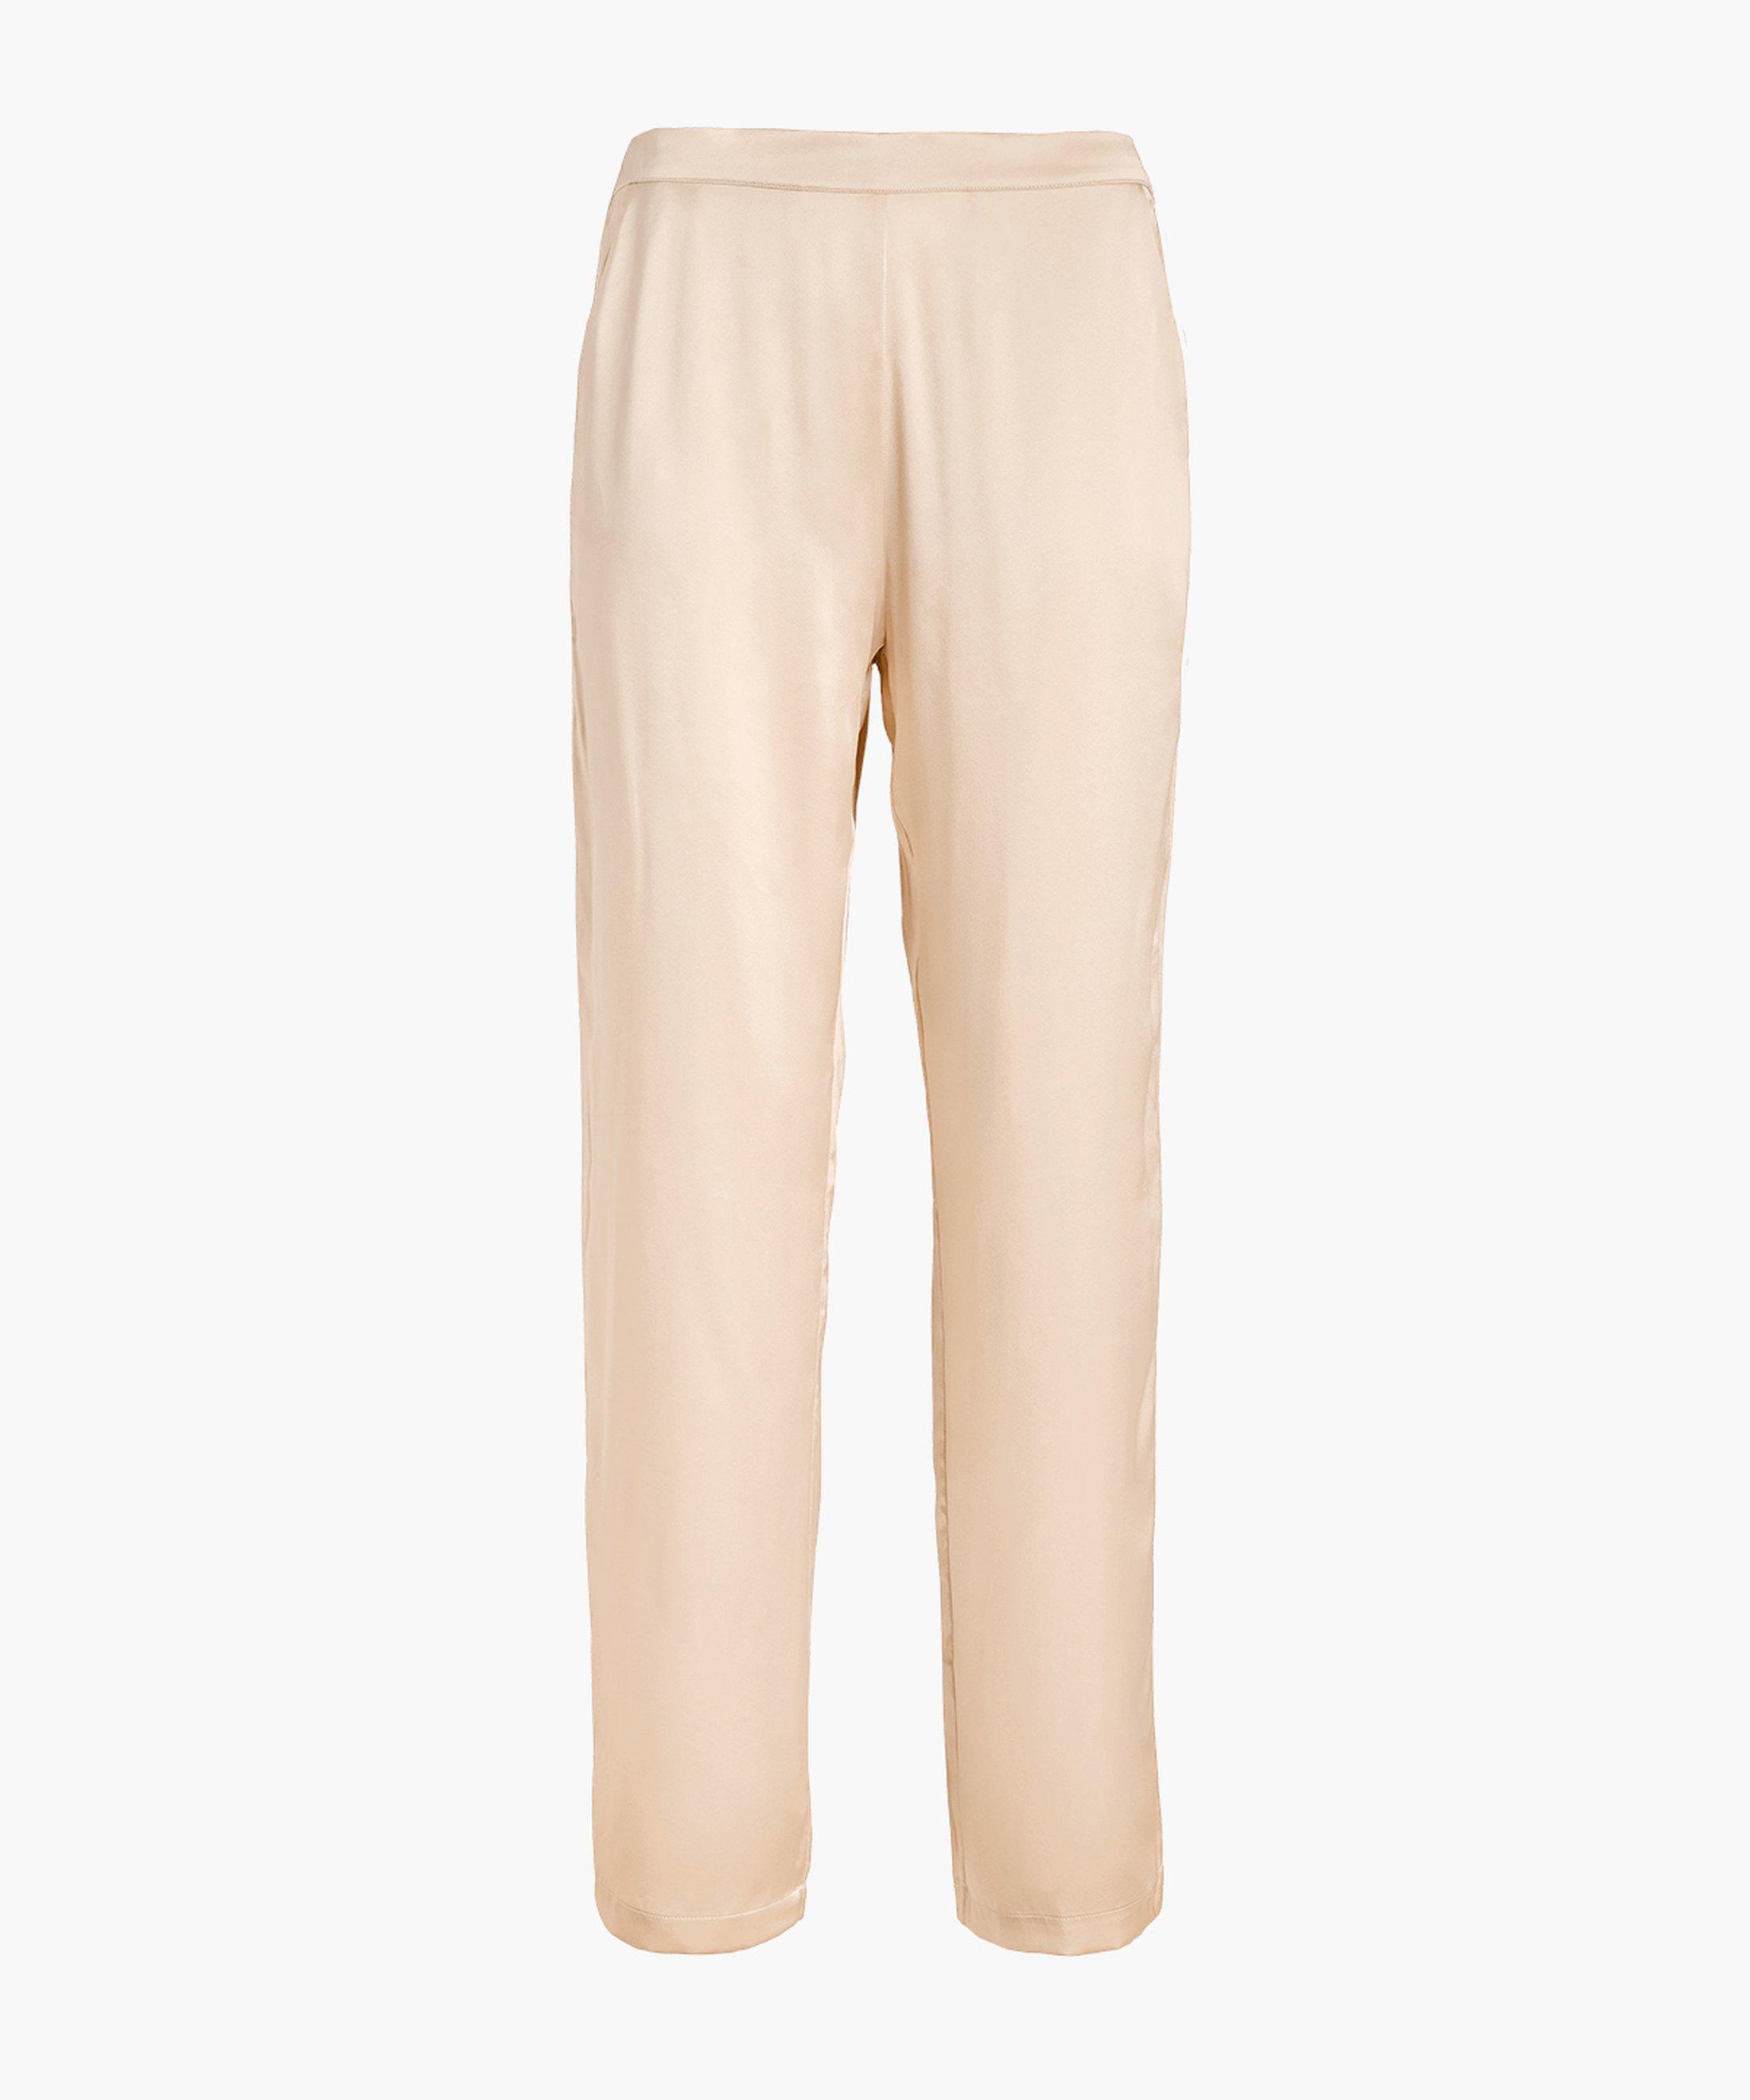 TOI MON AMOUR Pantalon en soie Blond nacre | Aubade